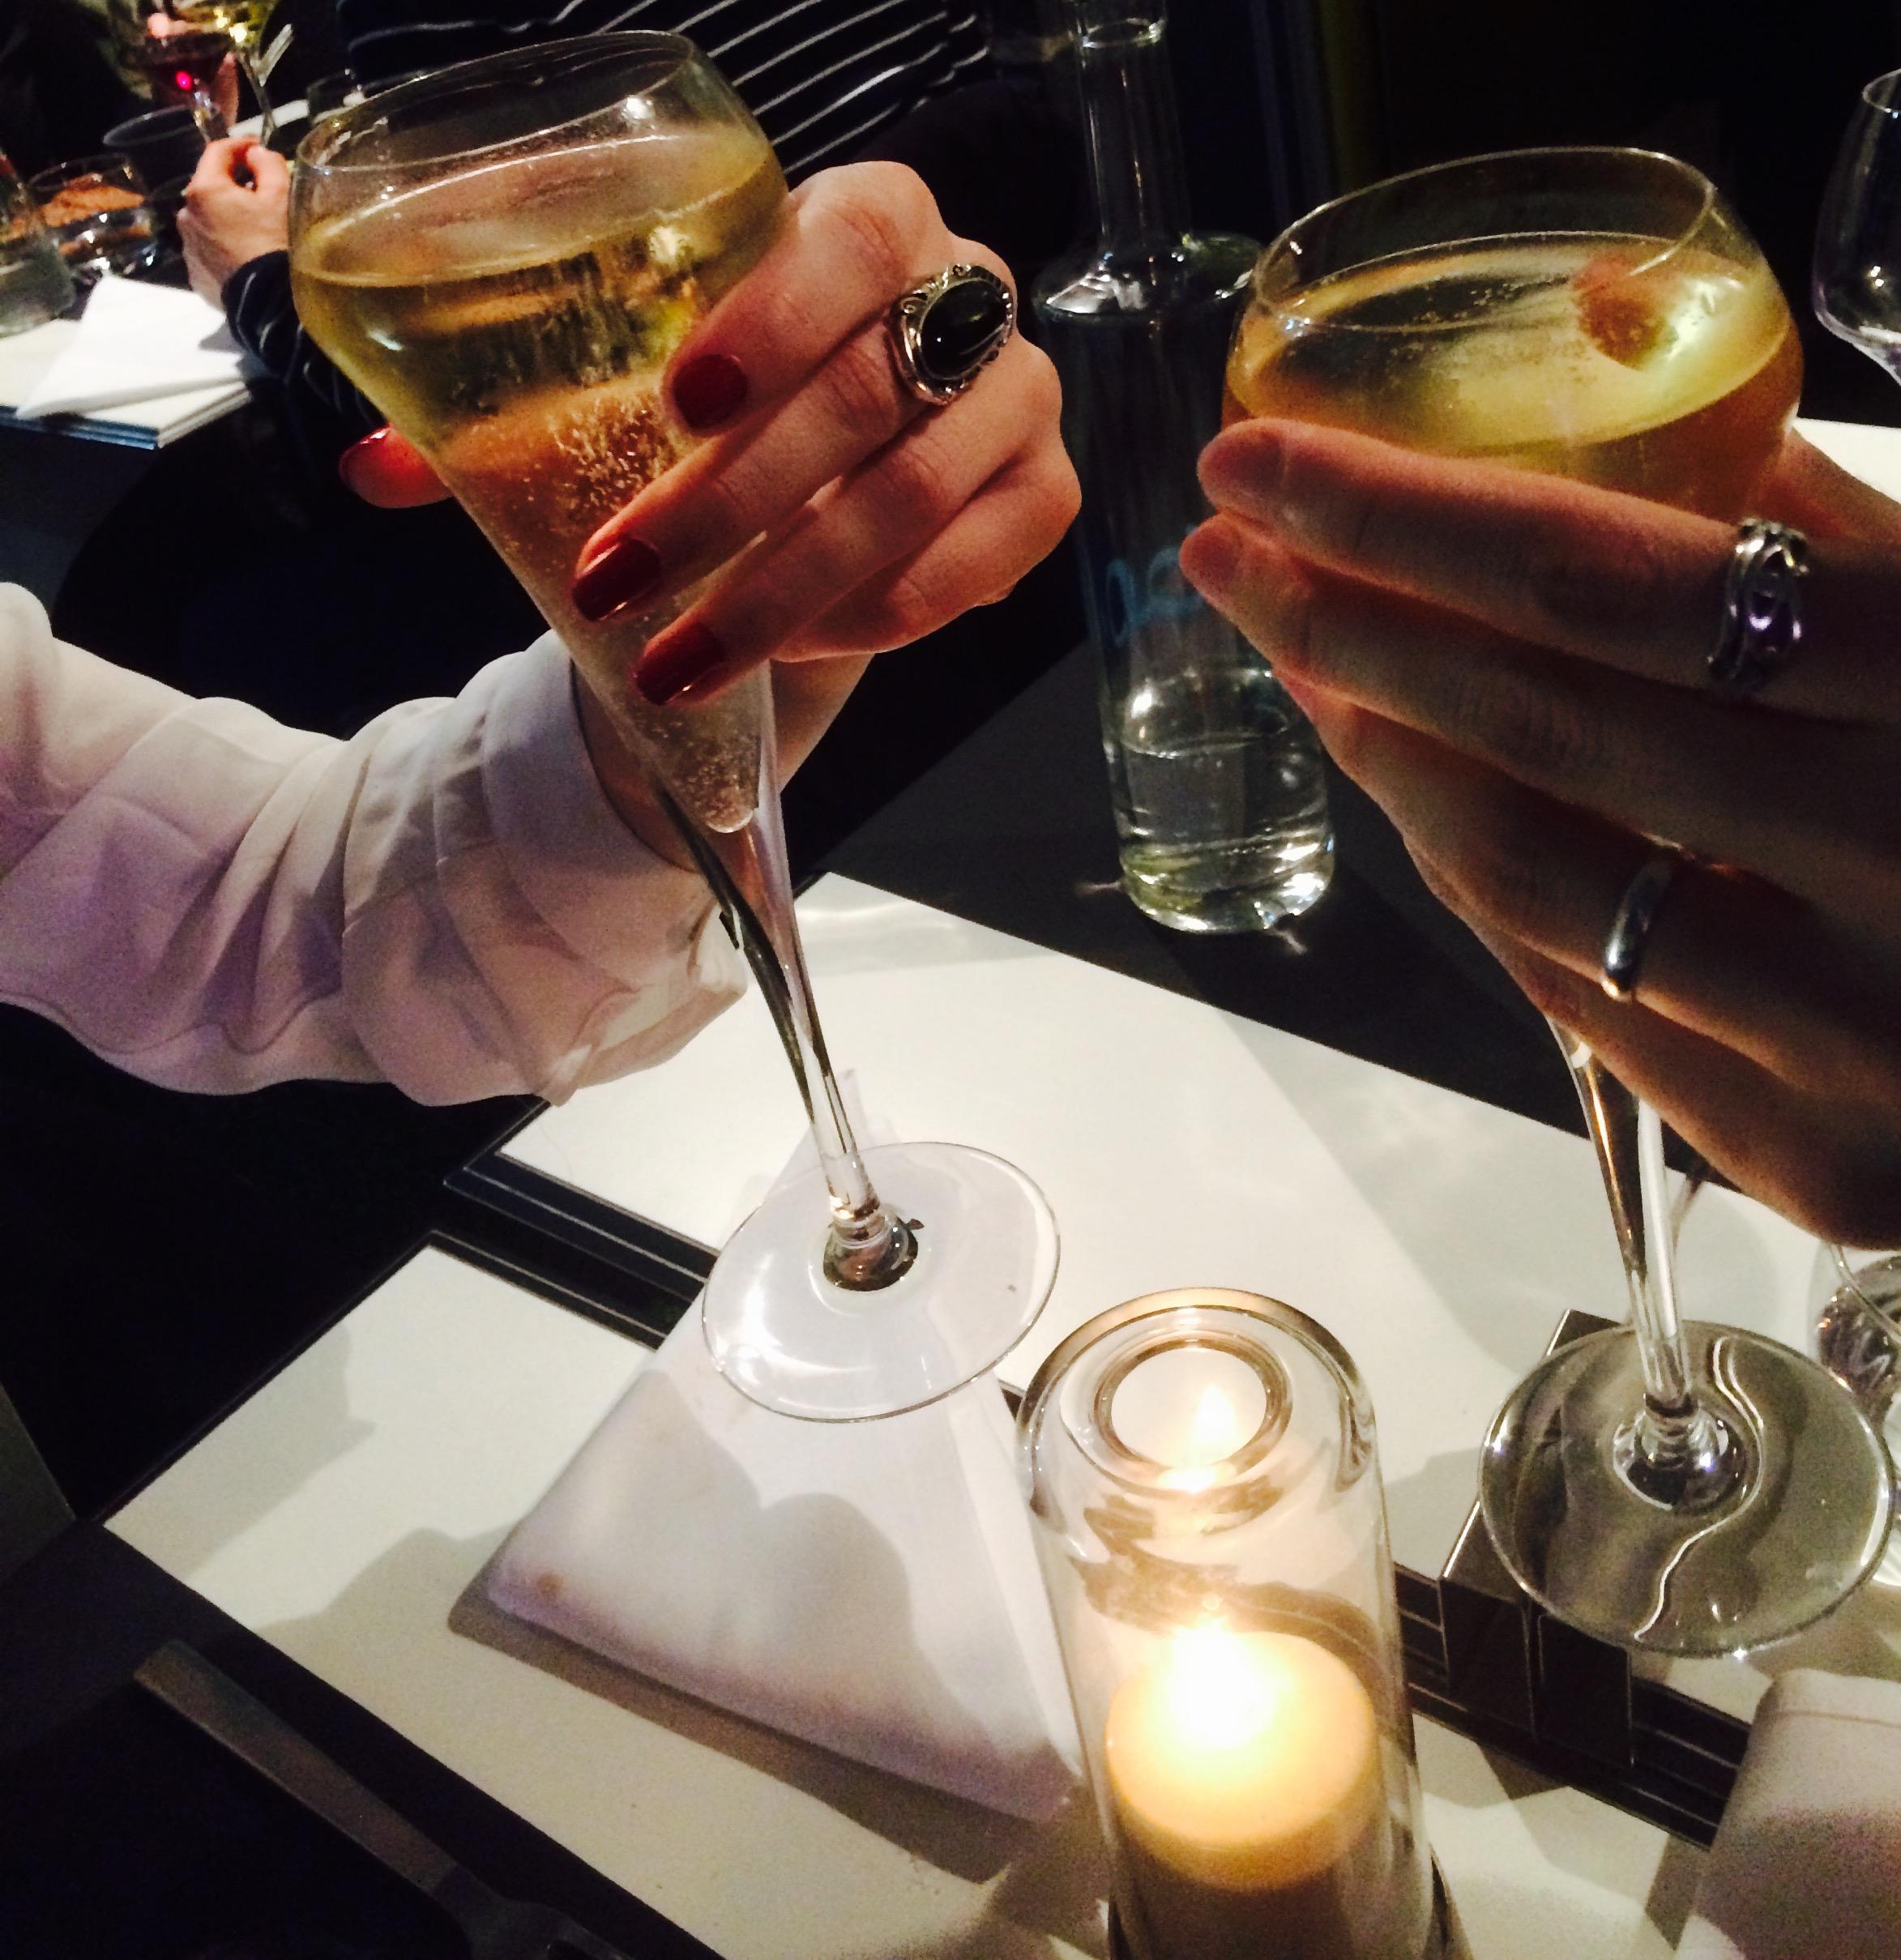 restaurant-weekend-fiest-champagne-nunaavane